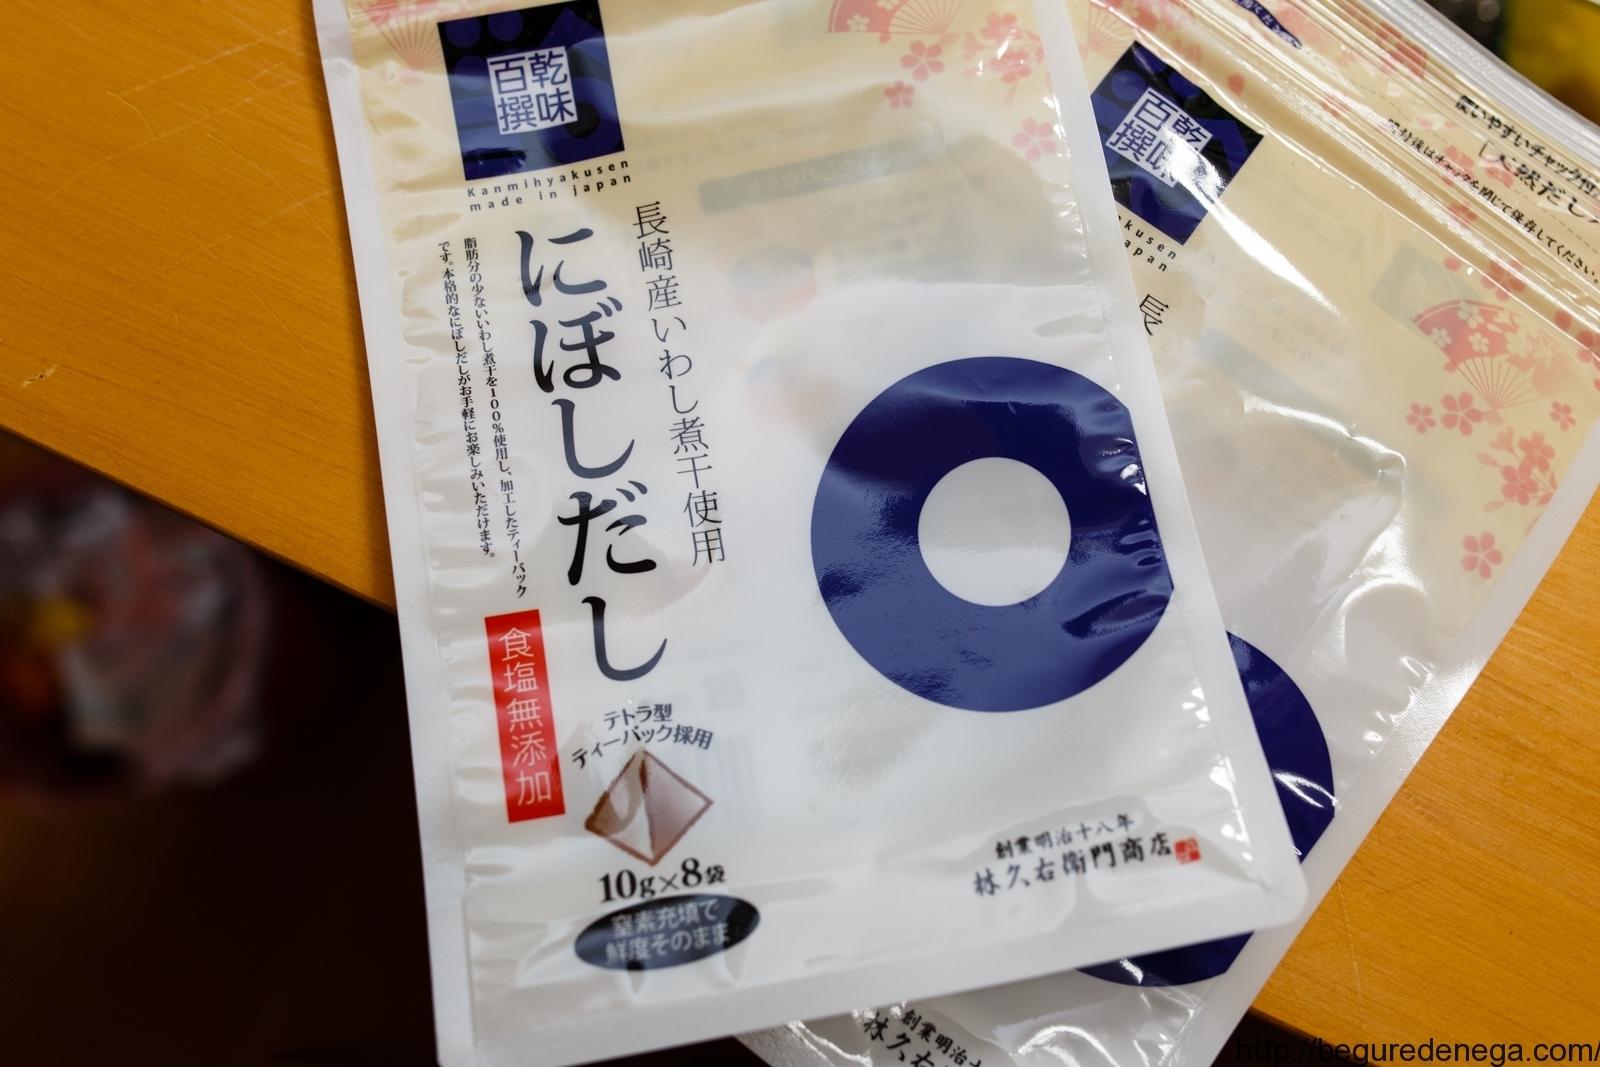 林久右衛門商店 長崎産いわし煮干し使用 にぼしだし